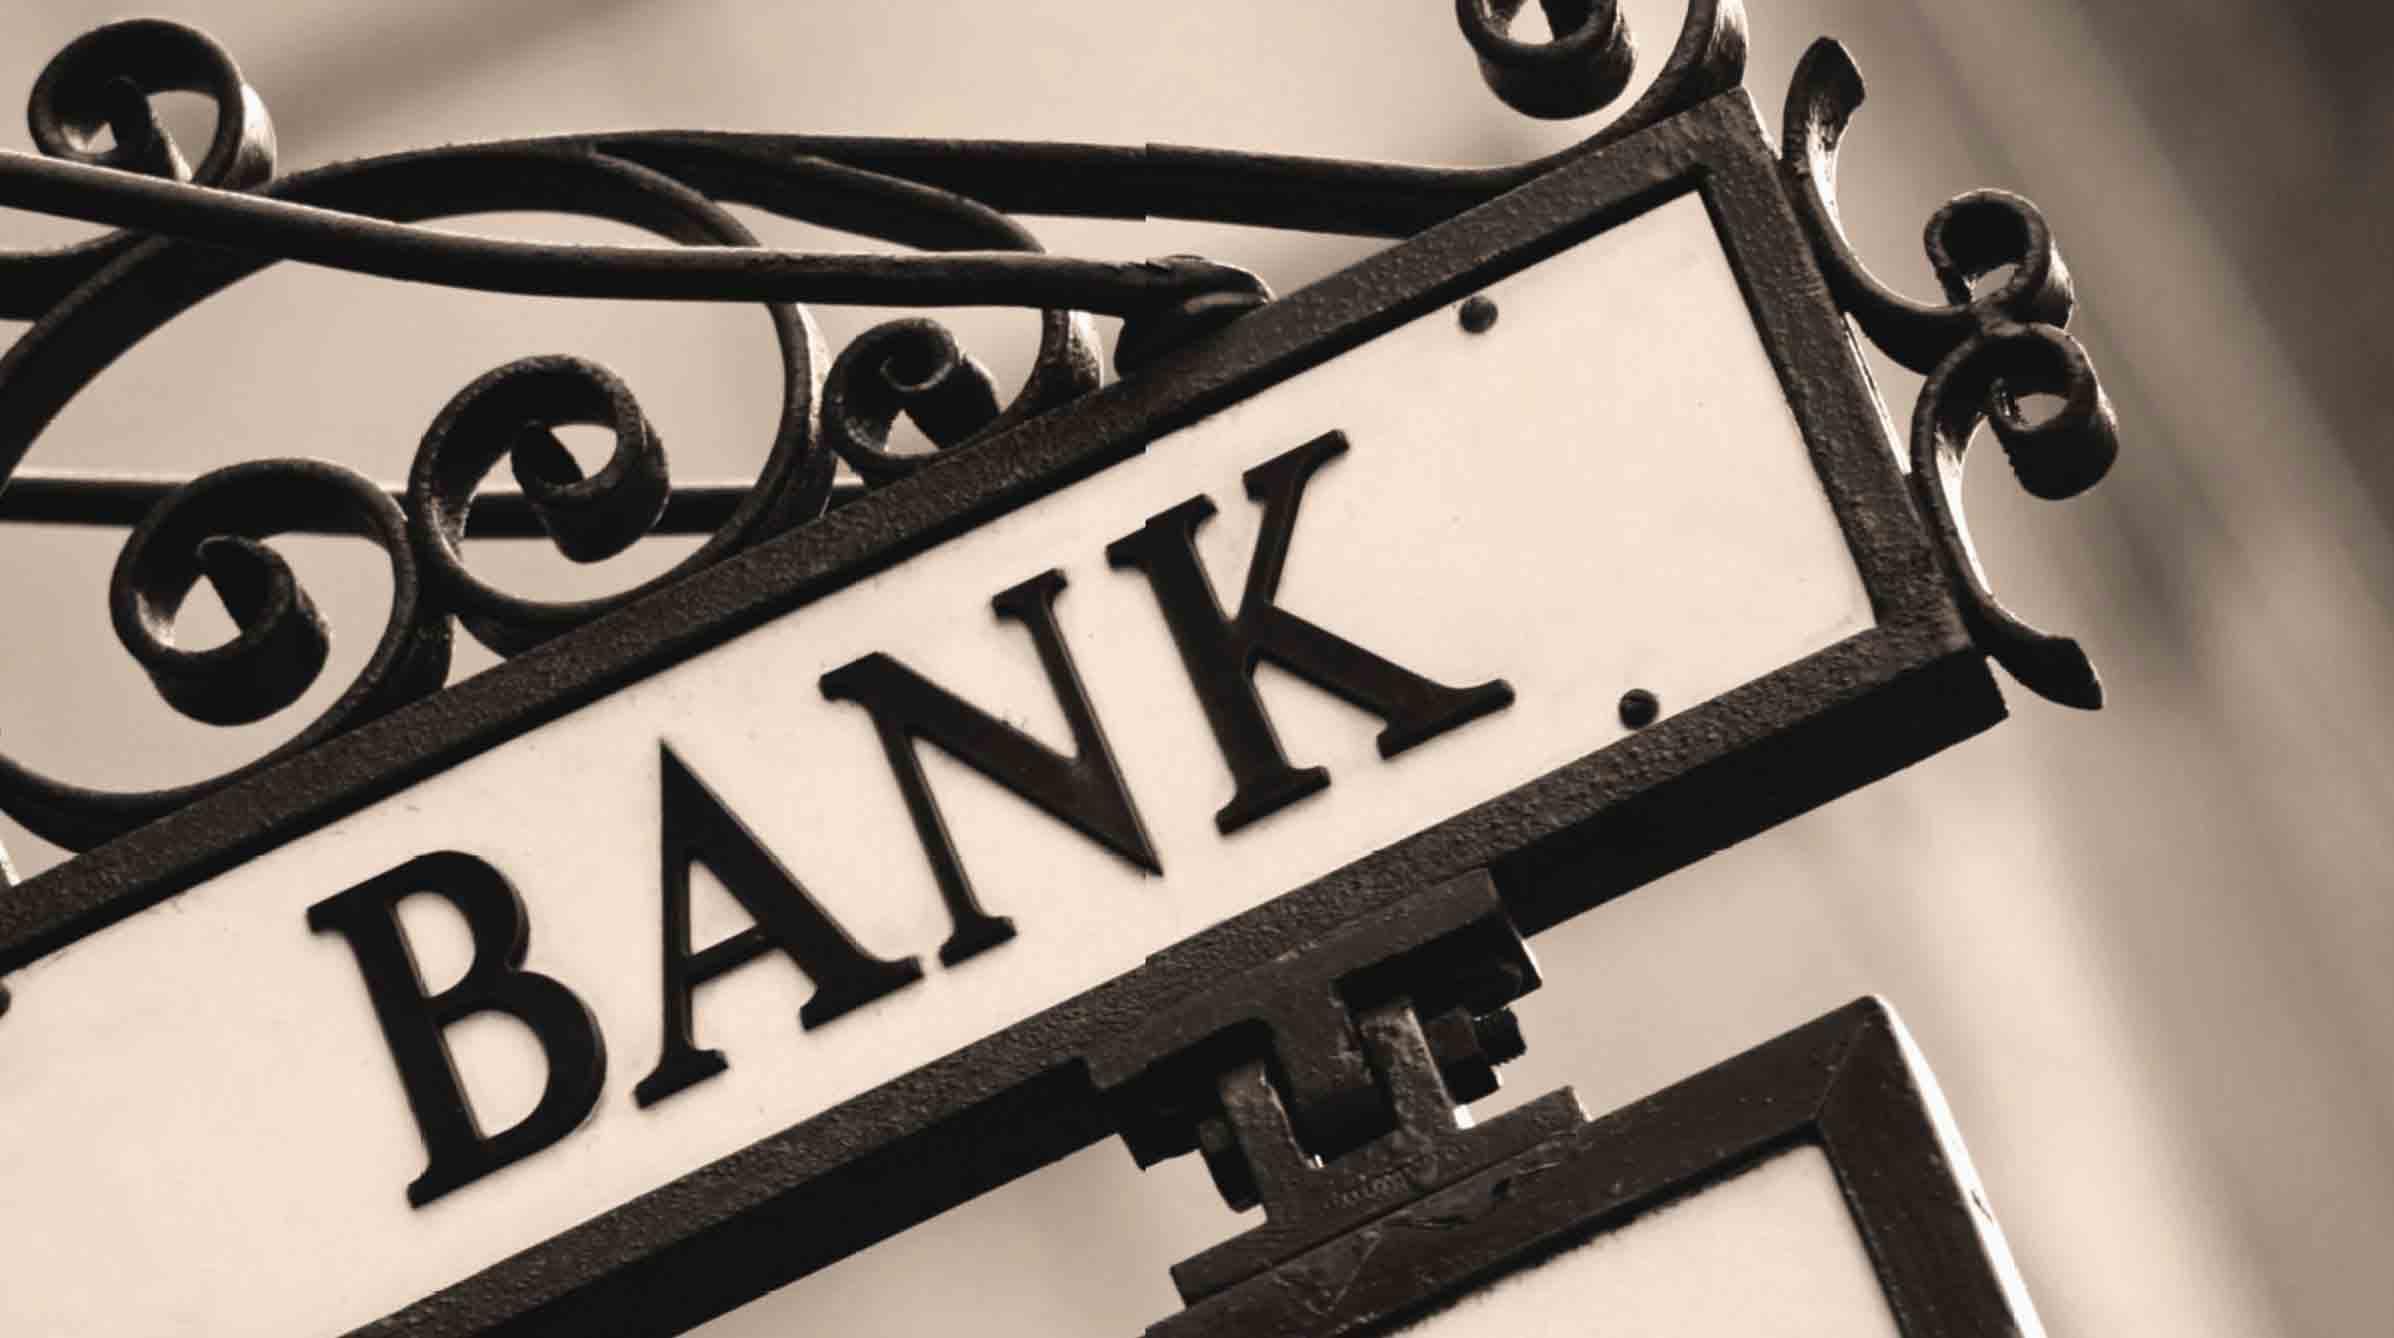 Azərbaycanda İslam bankçılığının genişlənəcəyi gözlənilir